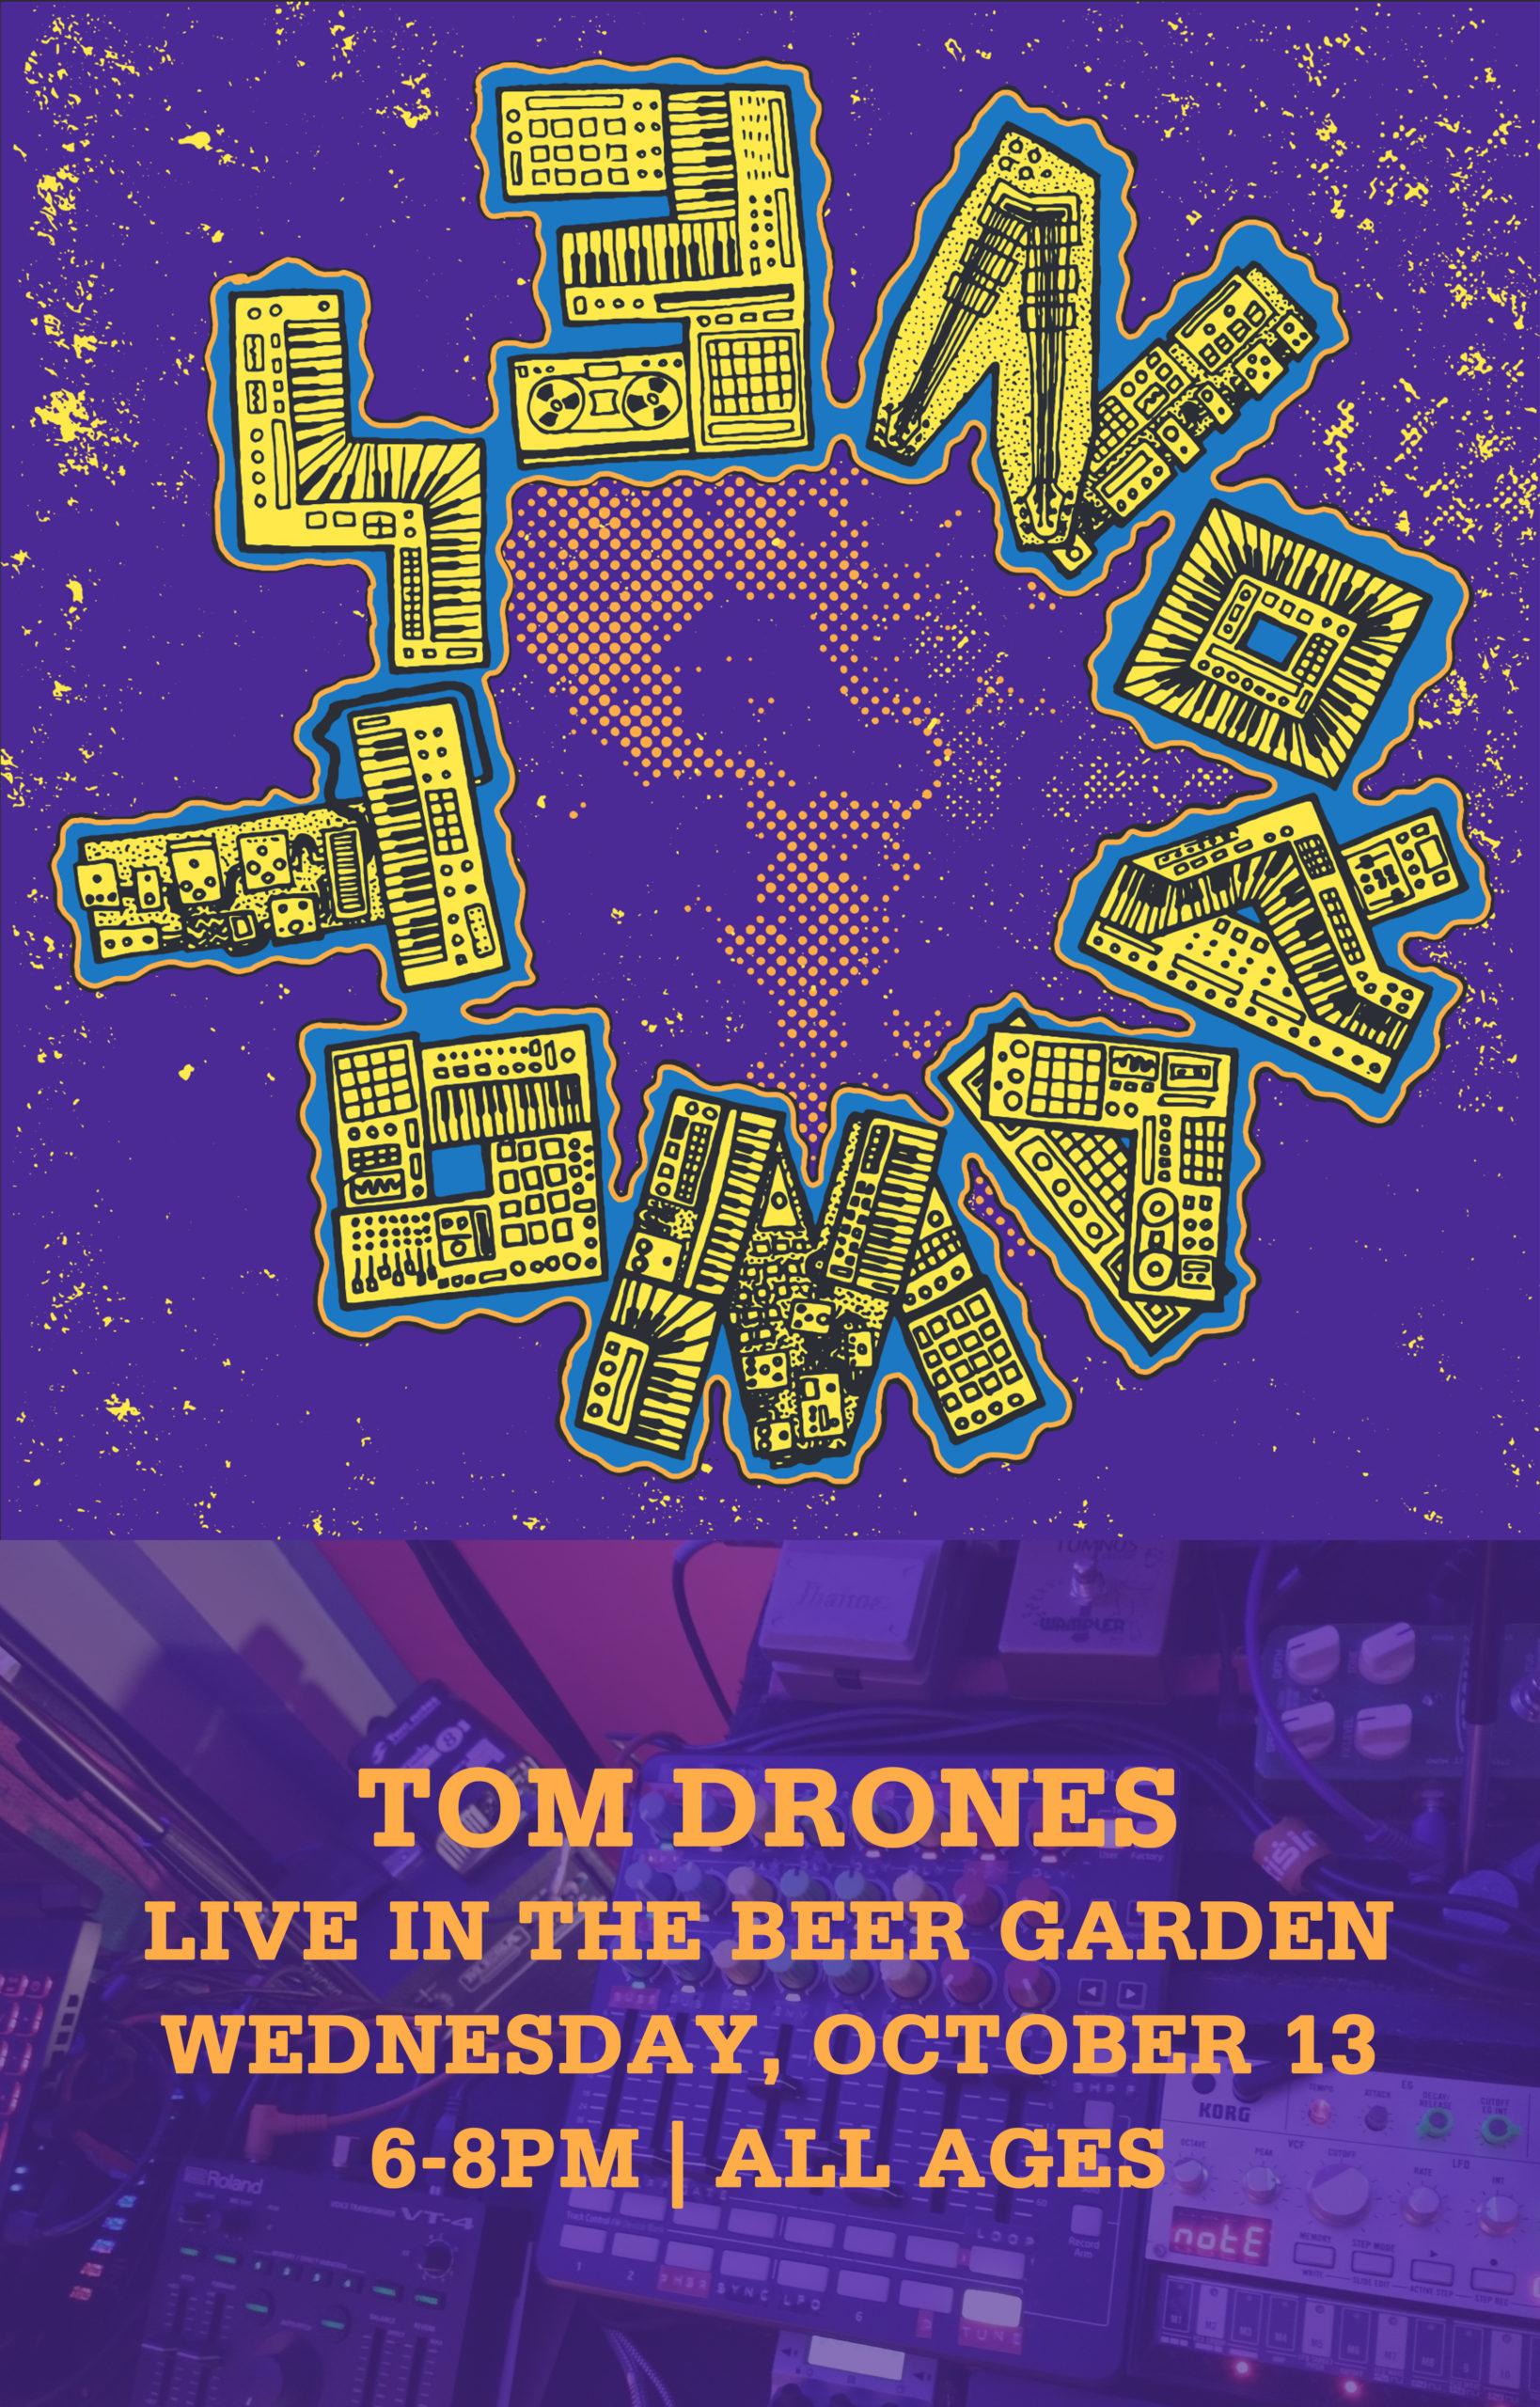 Tom Drones live in the beer garden October 13 6-8pm